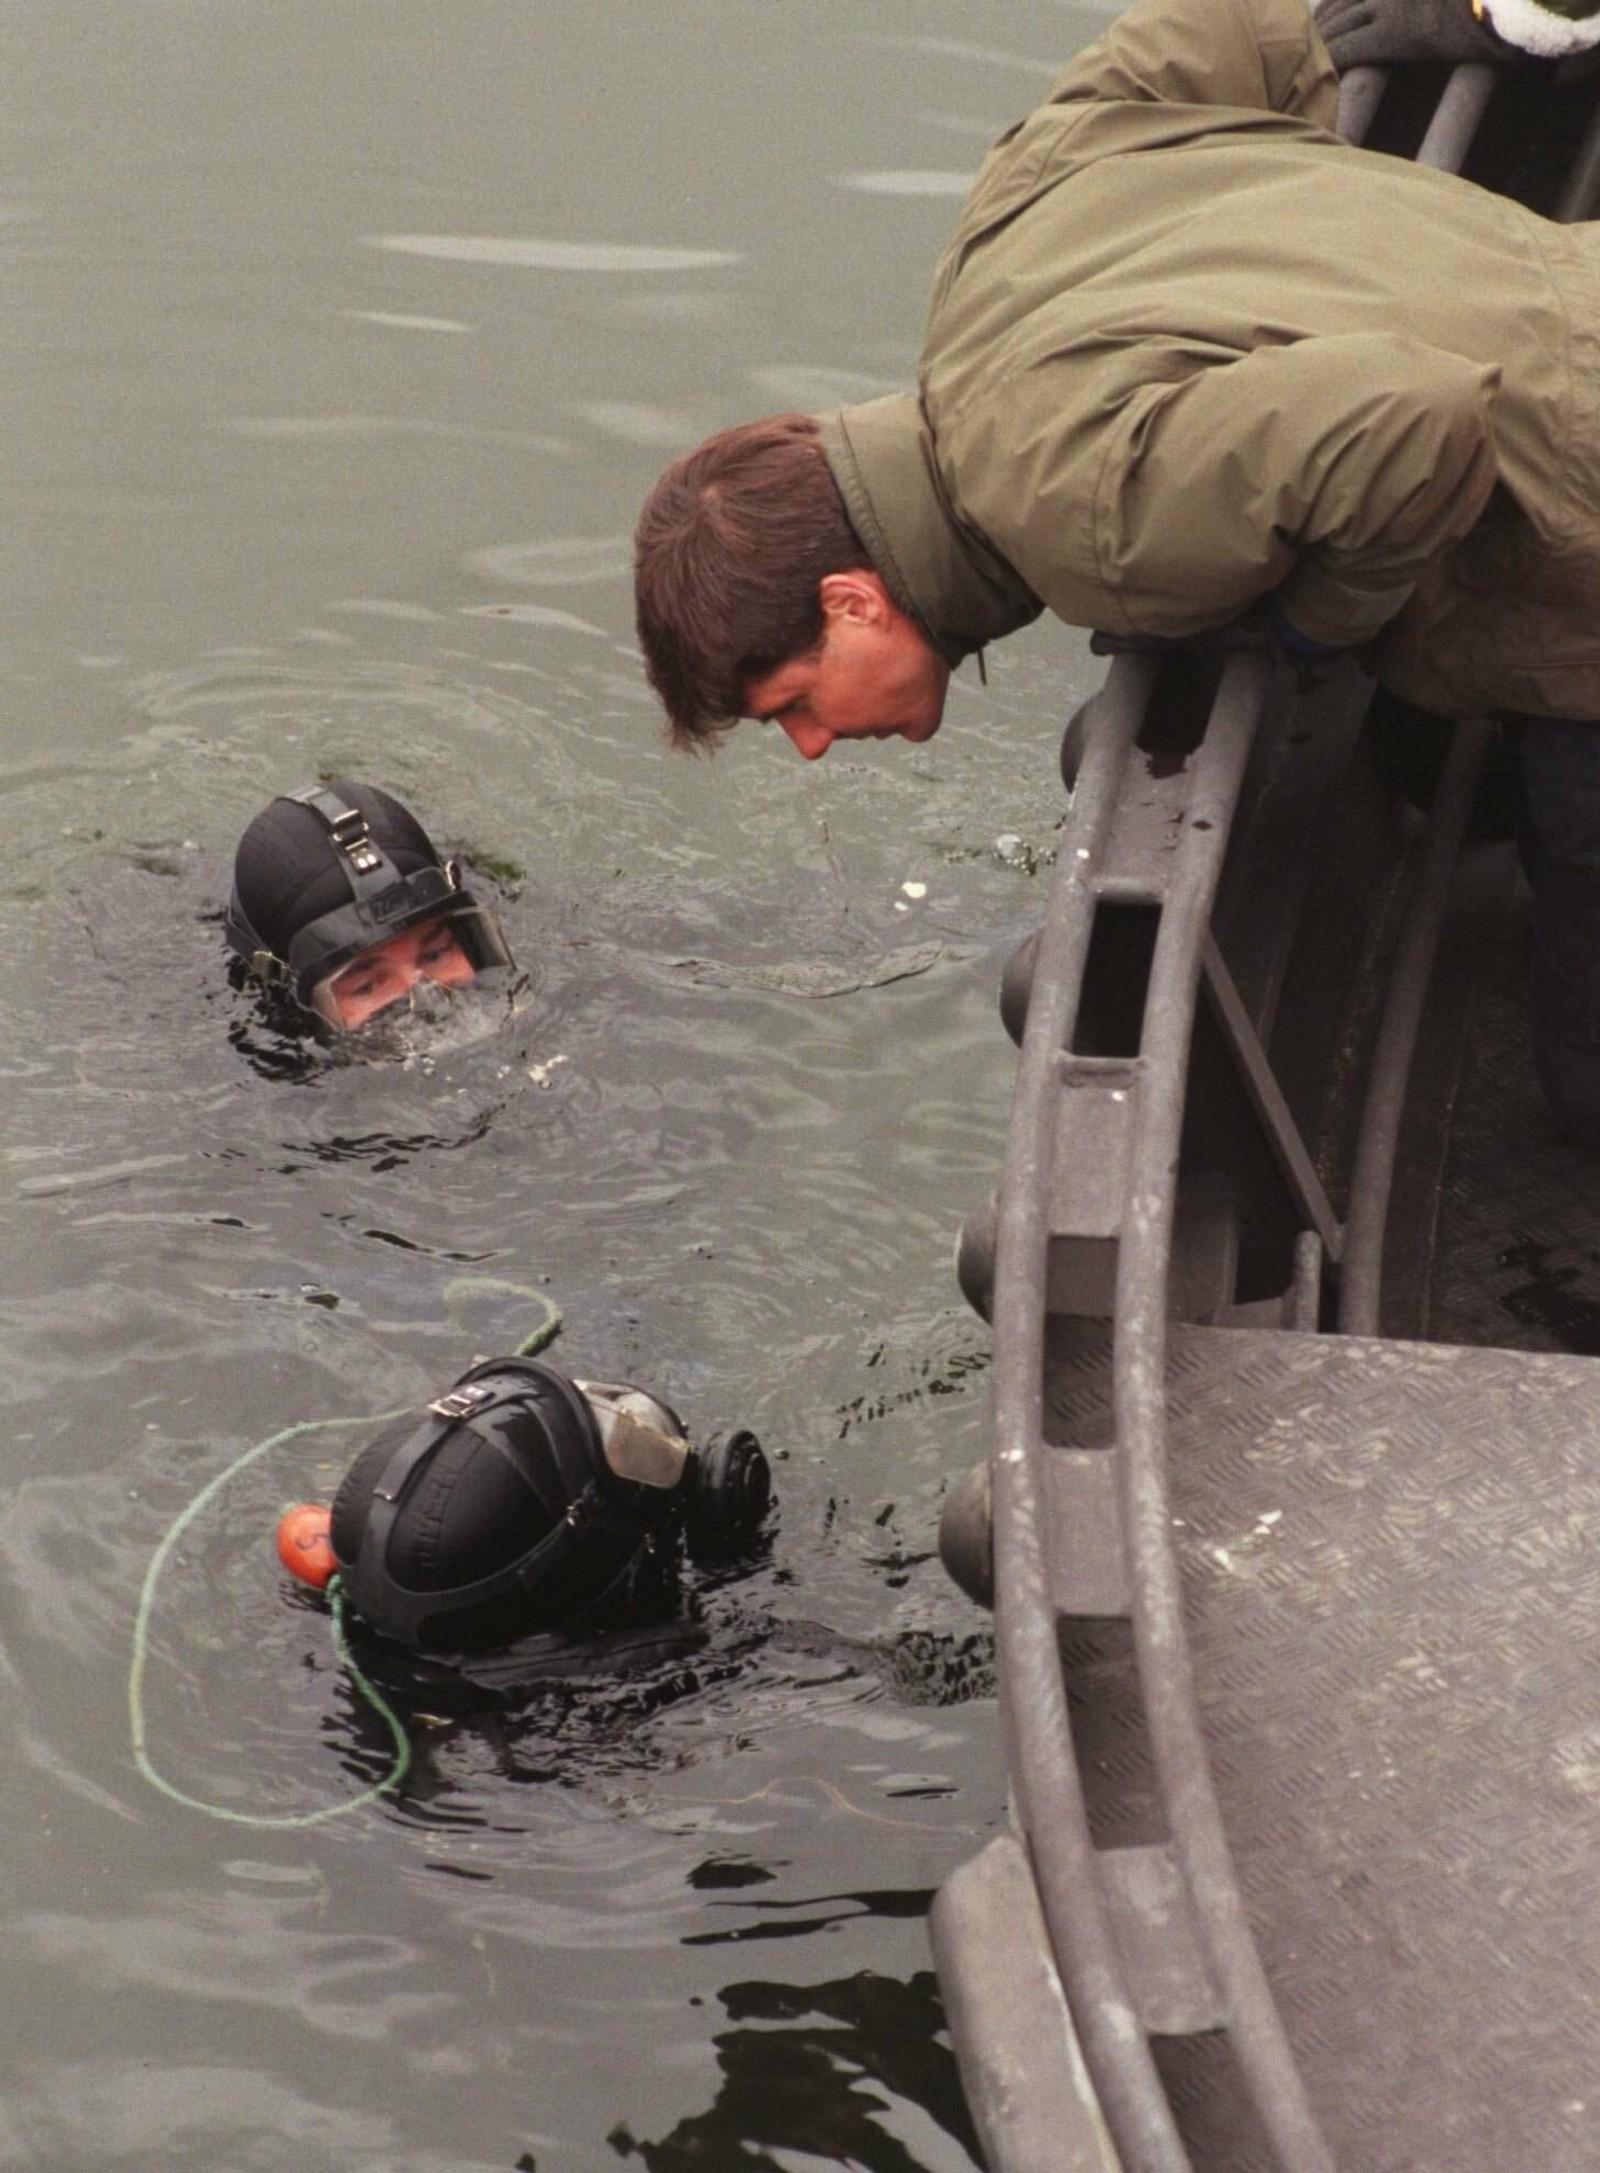 Politiets dykkere på veg opp fra vannet ved Tegelbacken i Stockholm etter å ha dykket etter våpenet som skal ha blitt brukt til å drepe Olof Palme. Det ble funnet en pistol på bunnen under søket.